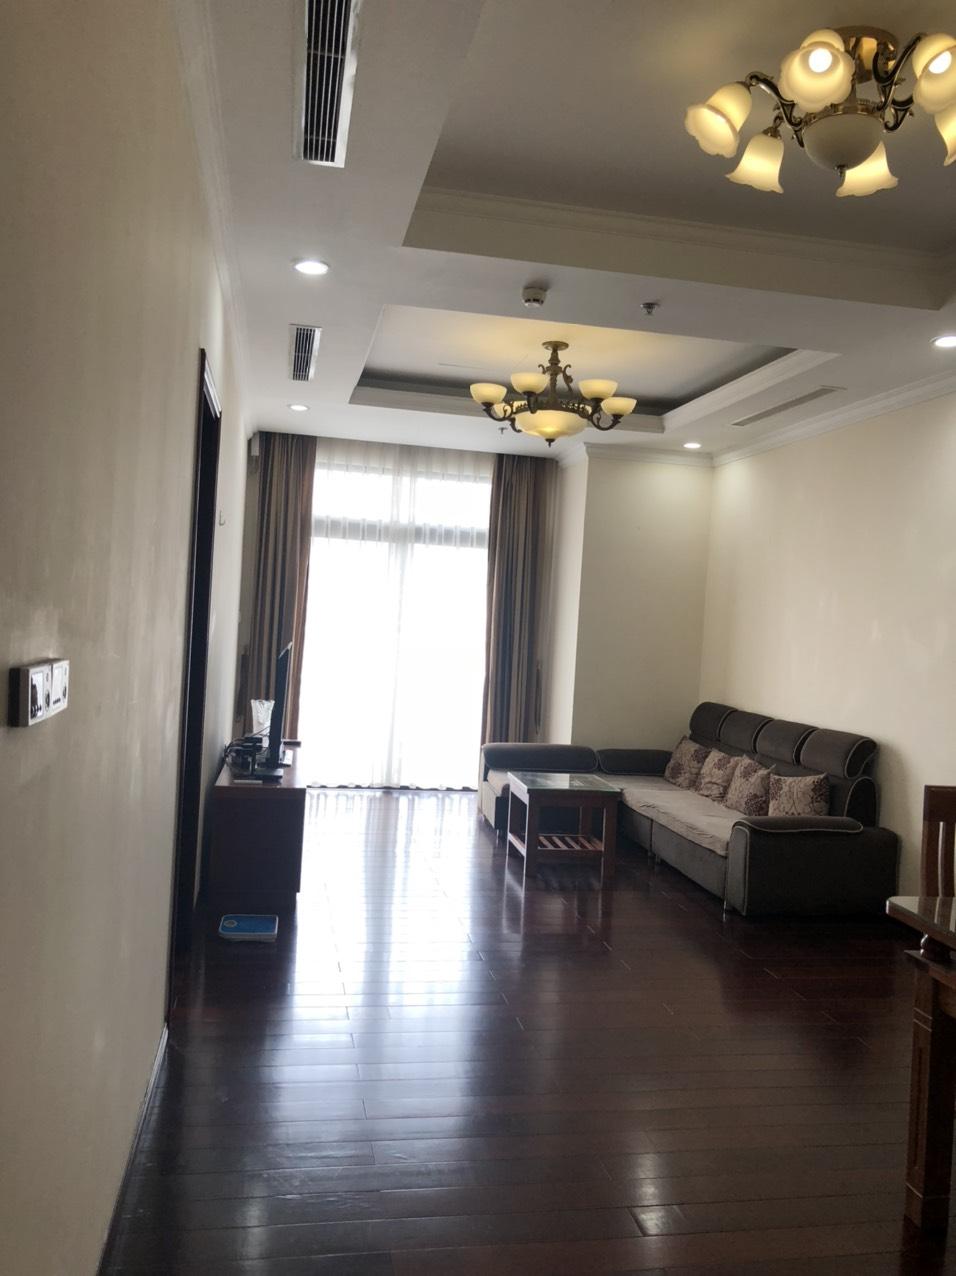 Bán cắt lỗ căn hộ tòa R1 Royal City, căn 88m2 2 phòng ngủ ban công đông nam giá rẻ 3.4 tỷ